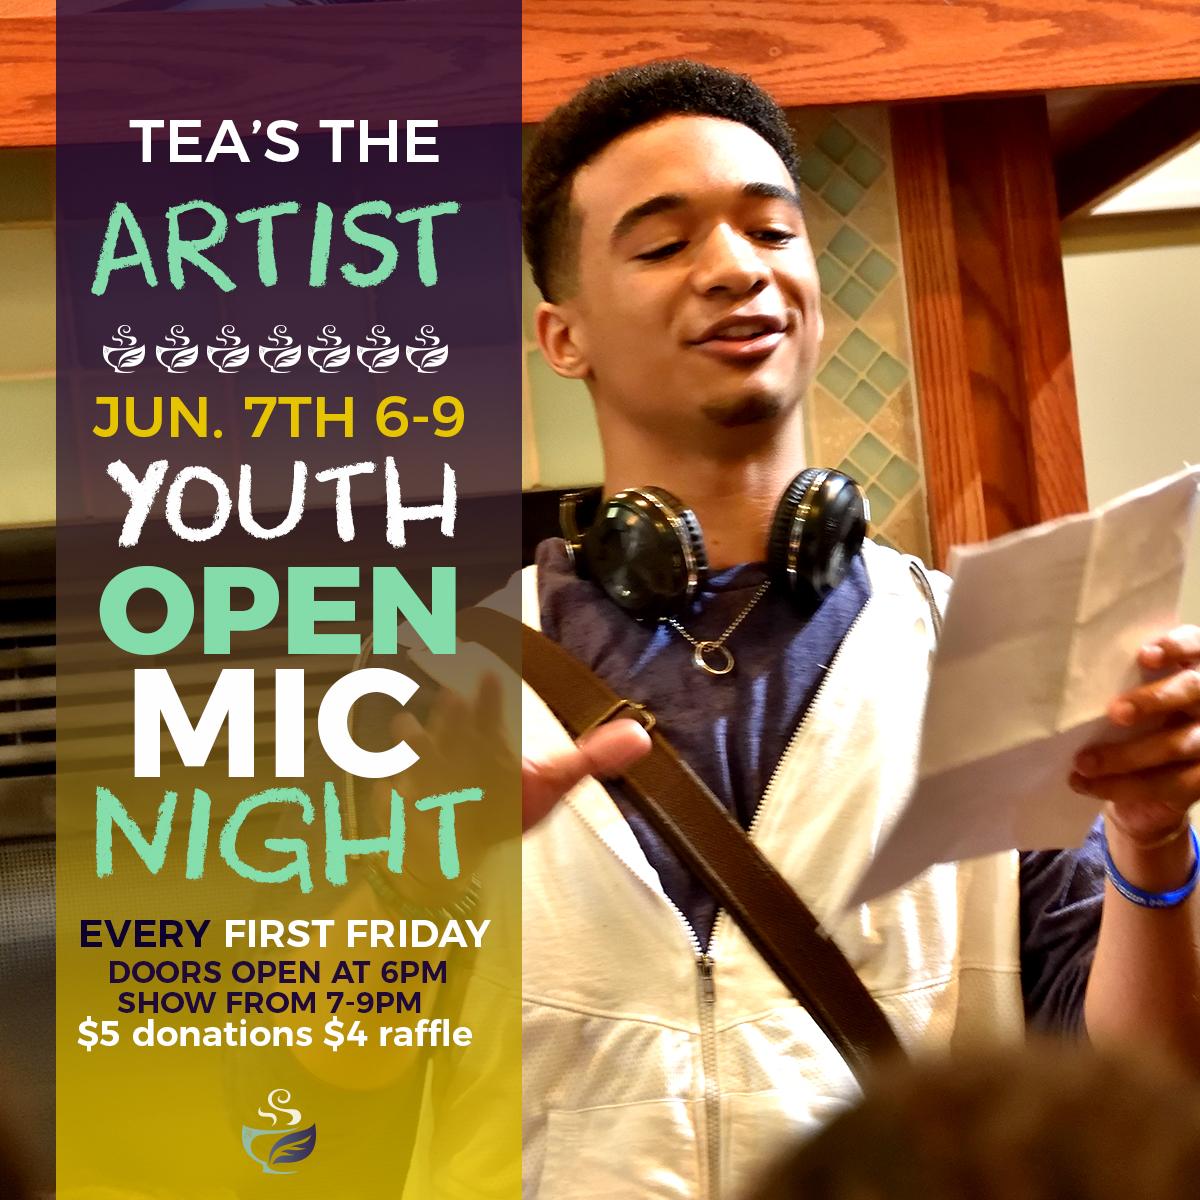 Tea's The Artist